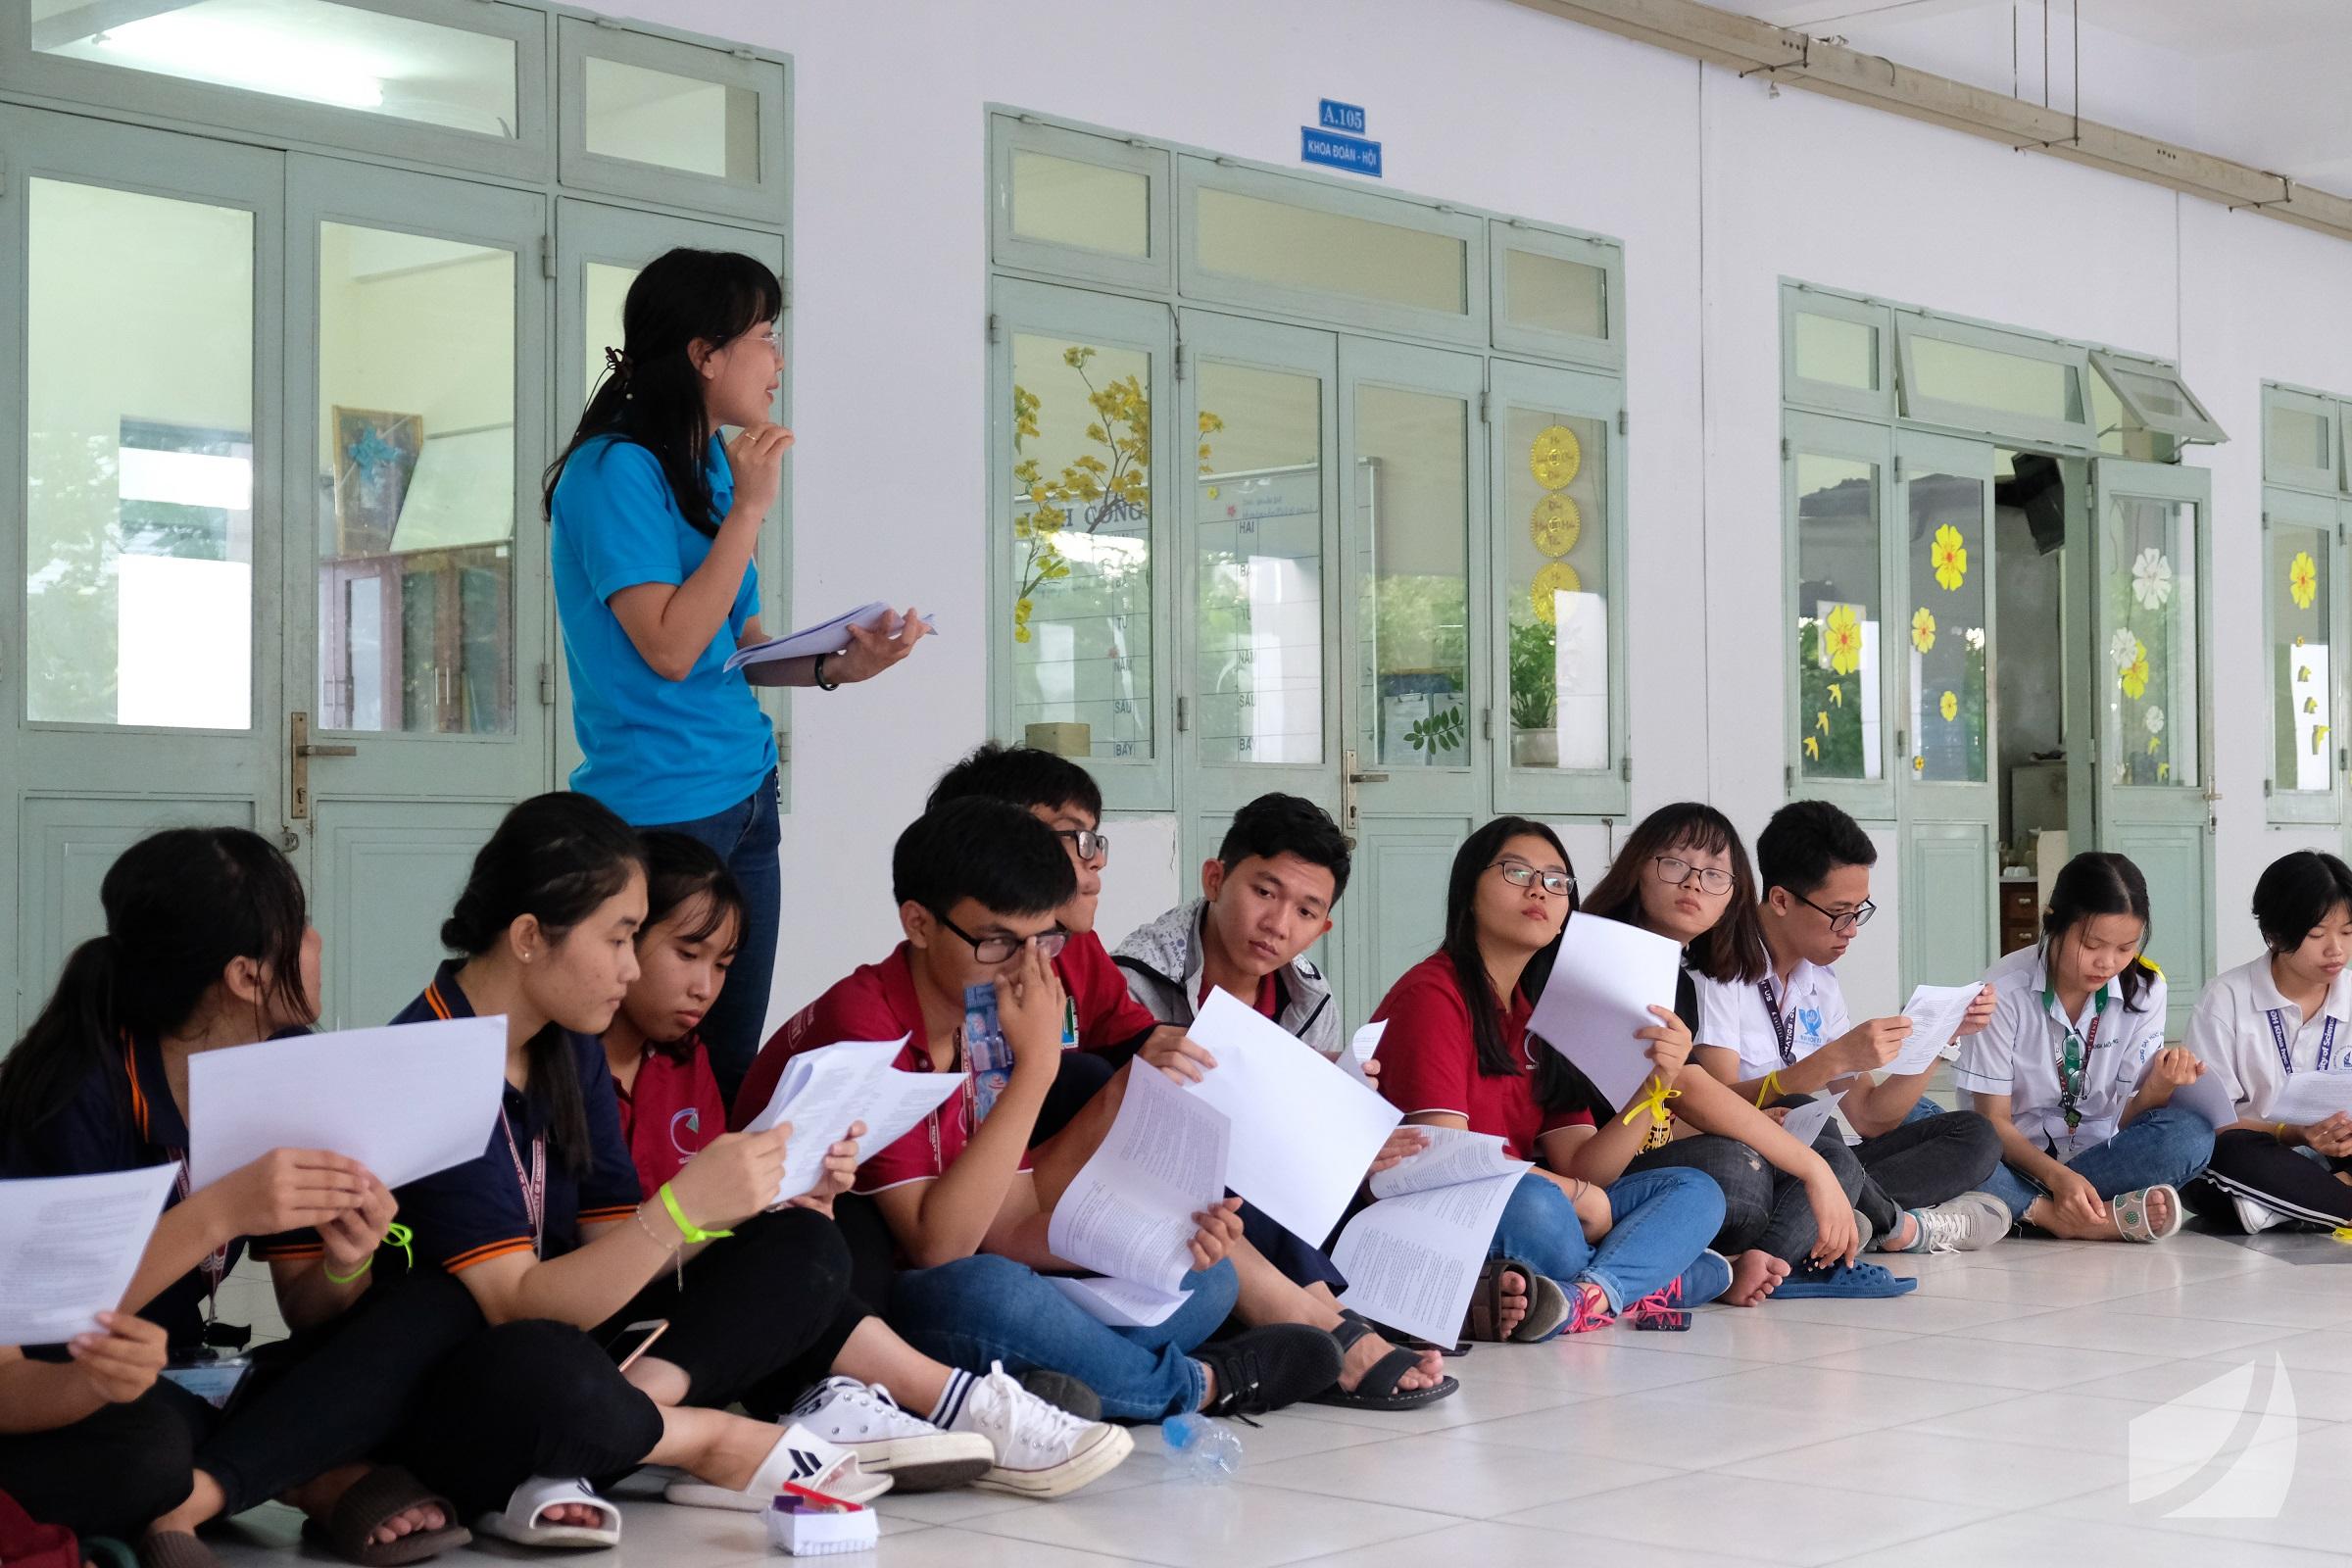 Chị Võ Thị Thu Sương hướng dẫn các bạn cán bộ Đoàn, Hội tham gia đóng góp cho Văn kiện Đại hội Đoàn trường lần thứ X, Nhiệm kỳ 2019 - 2022.